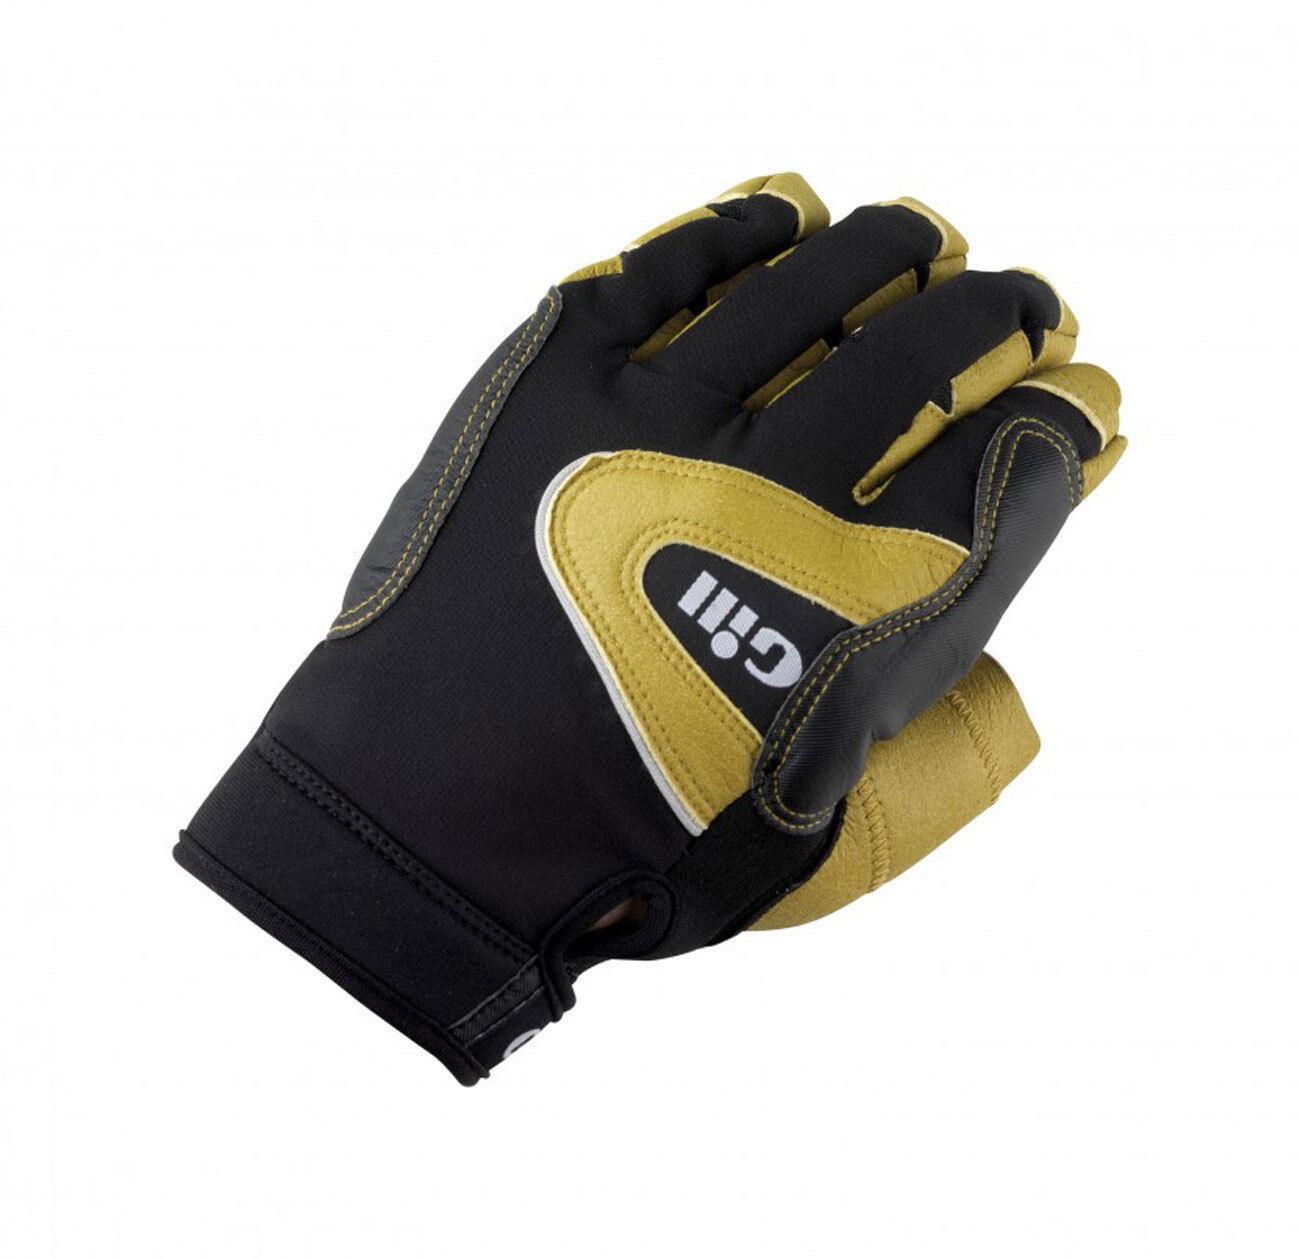 Gill Unisex Segelhandschuhe Pro 2-Finger-frei wasserabweisend robust UV-Schutz UV-Schutz UV-Schutz 8bd961